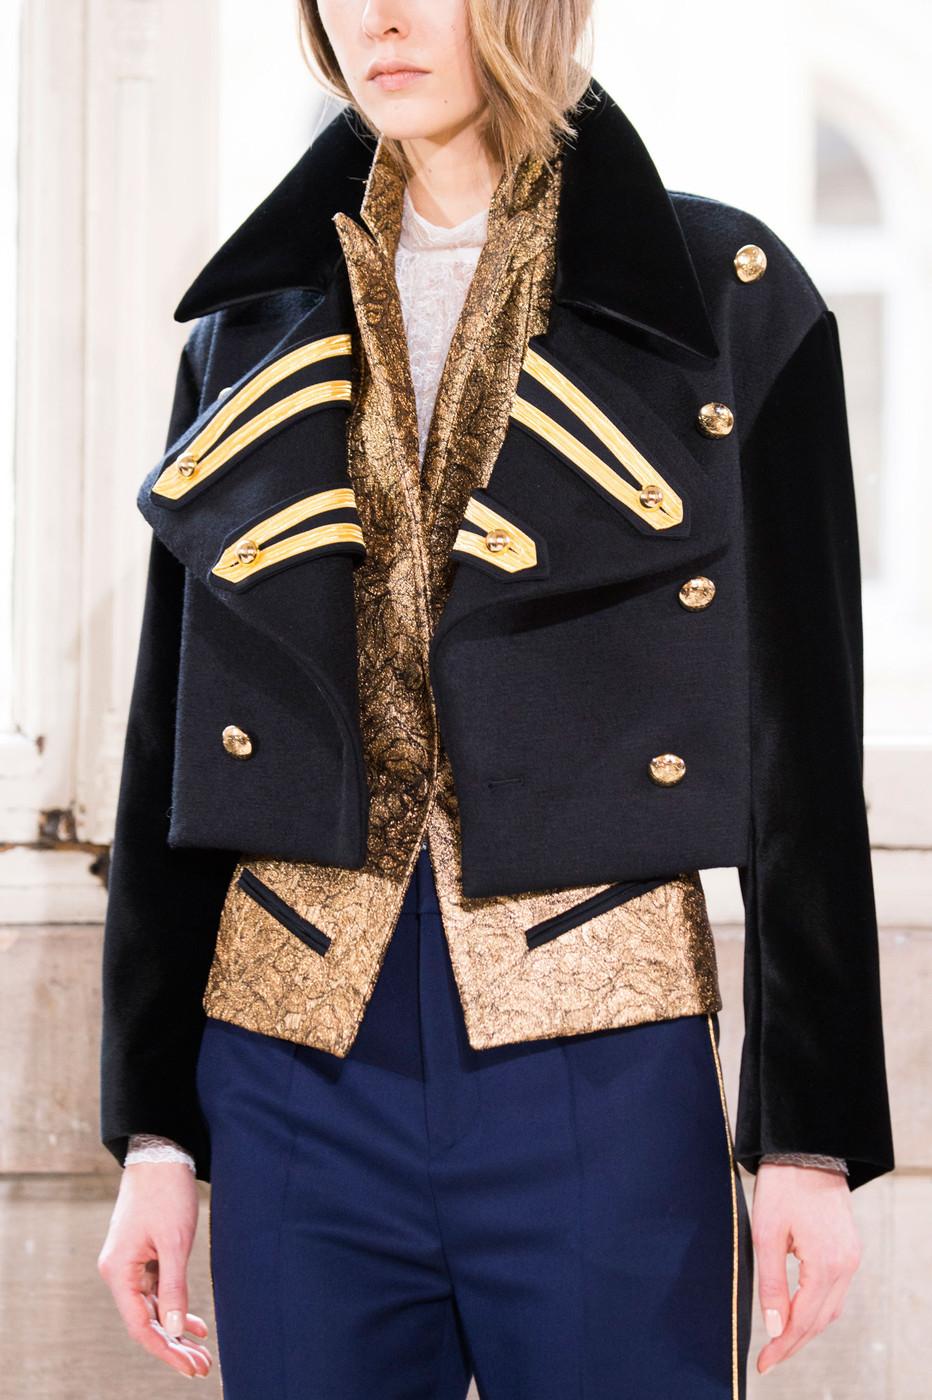 Bouchra Jarrar Spring 2016 Haute Couture Collection No. 13 via www.fashionedbylove.co.uk